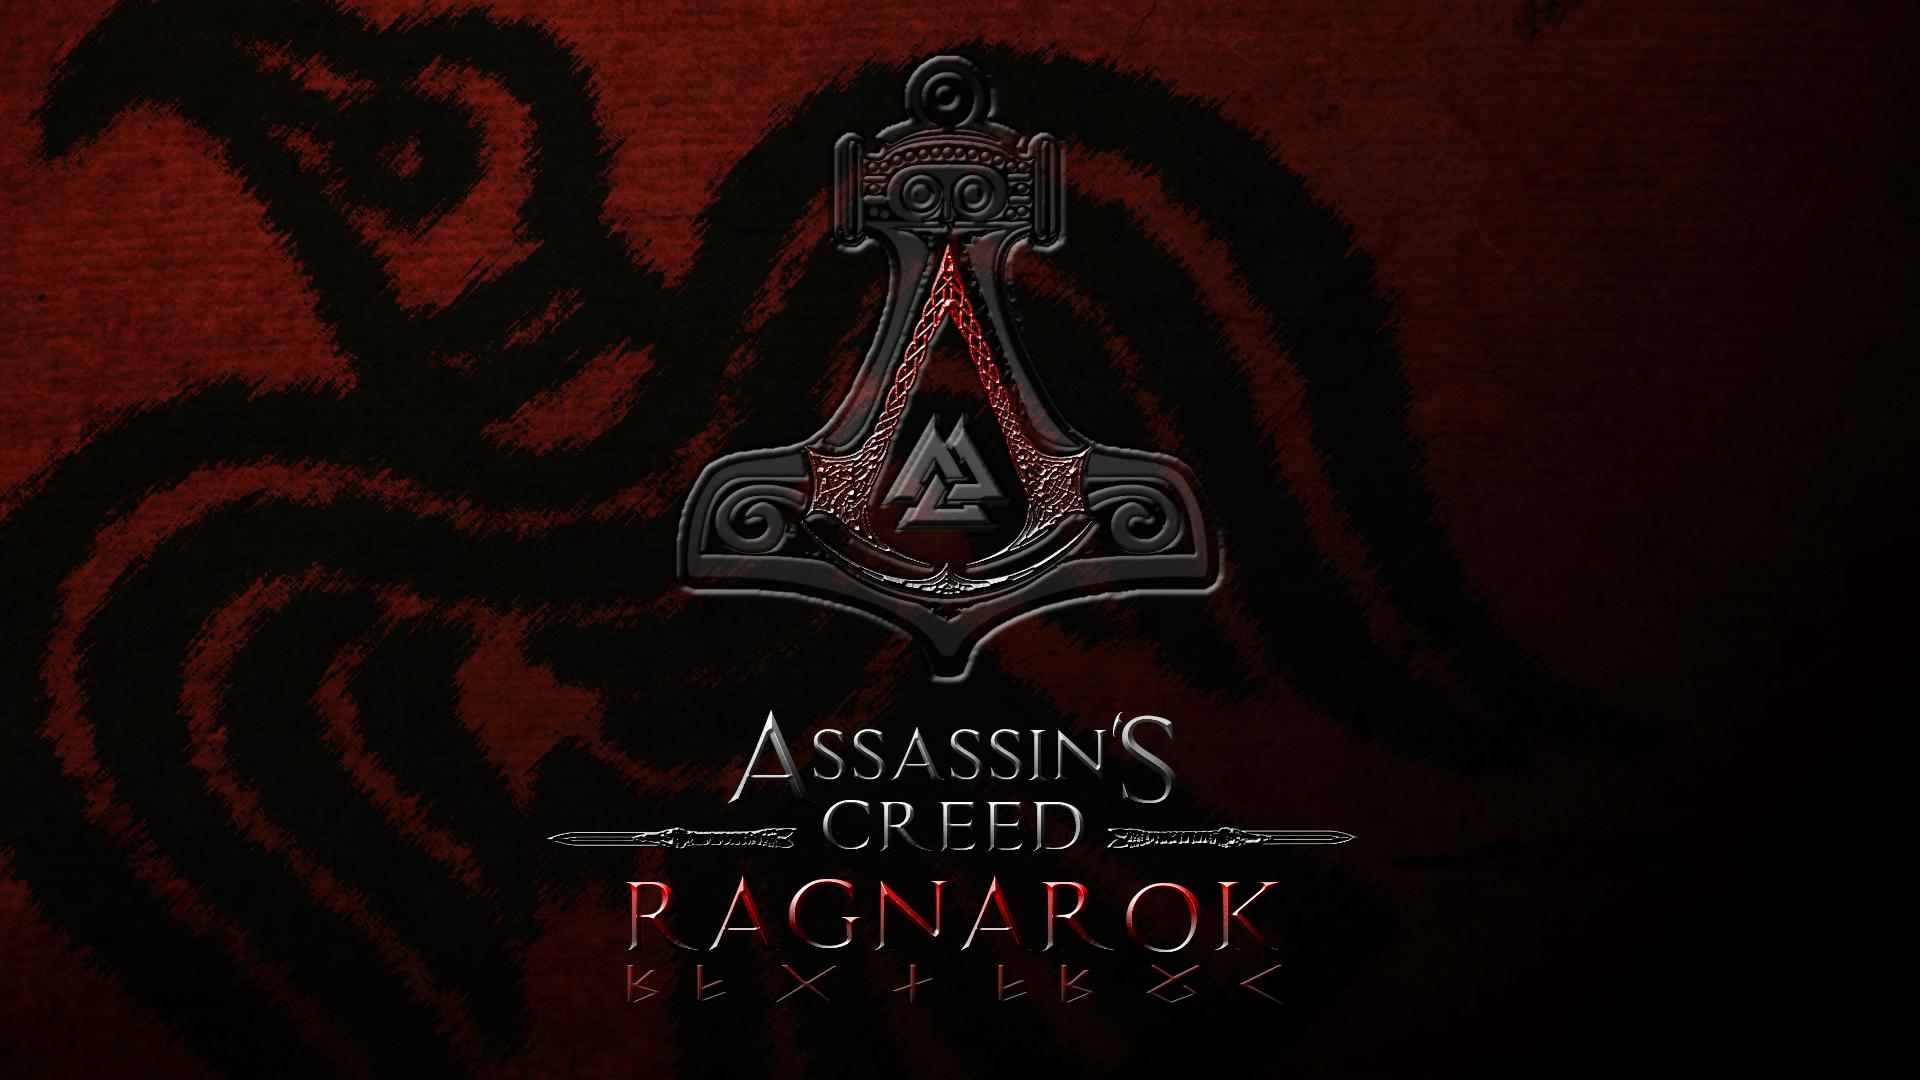 Objevily se další spekulace o Assassins Creed Ragnarok